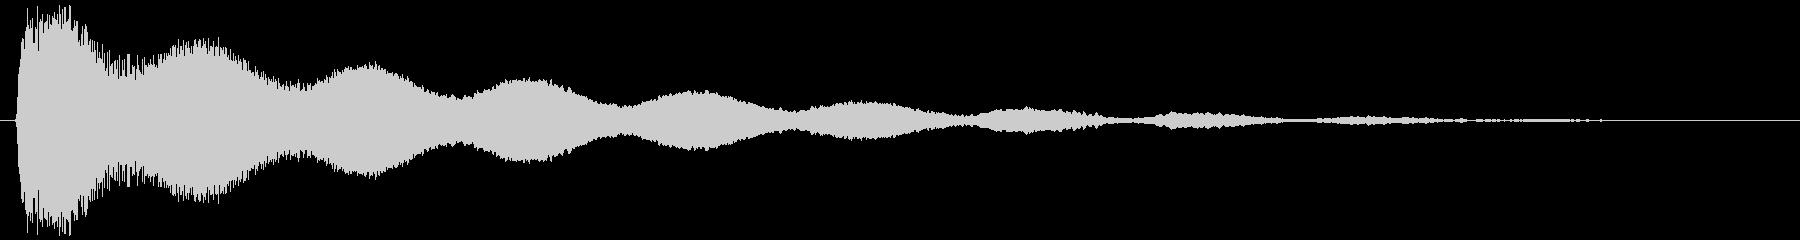 除夜の鐘 やや遠め(コォォォン…)の未再生の波形